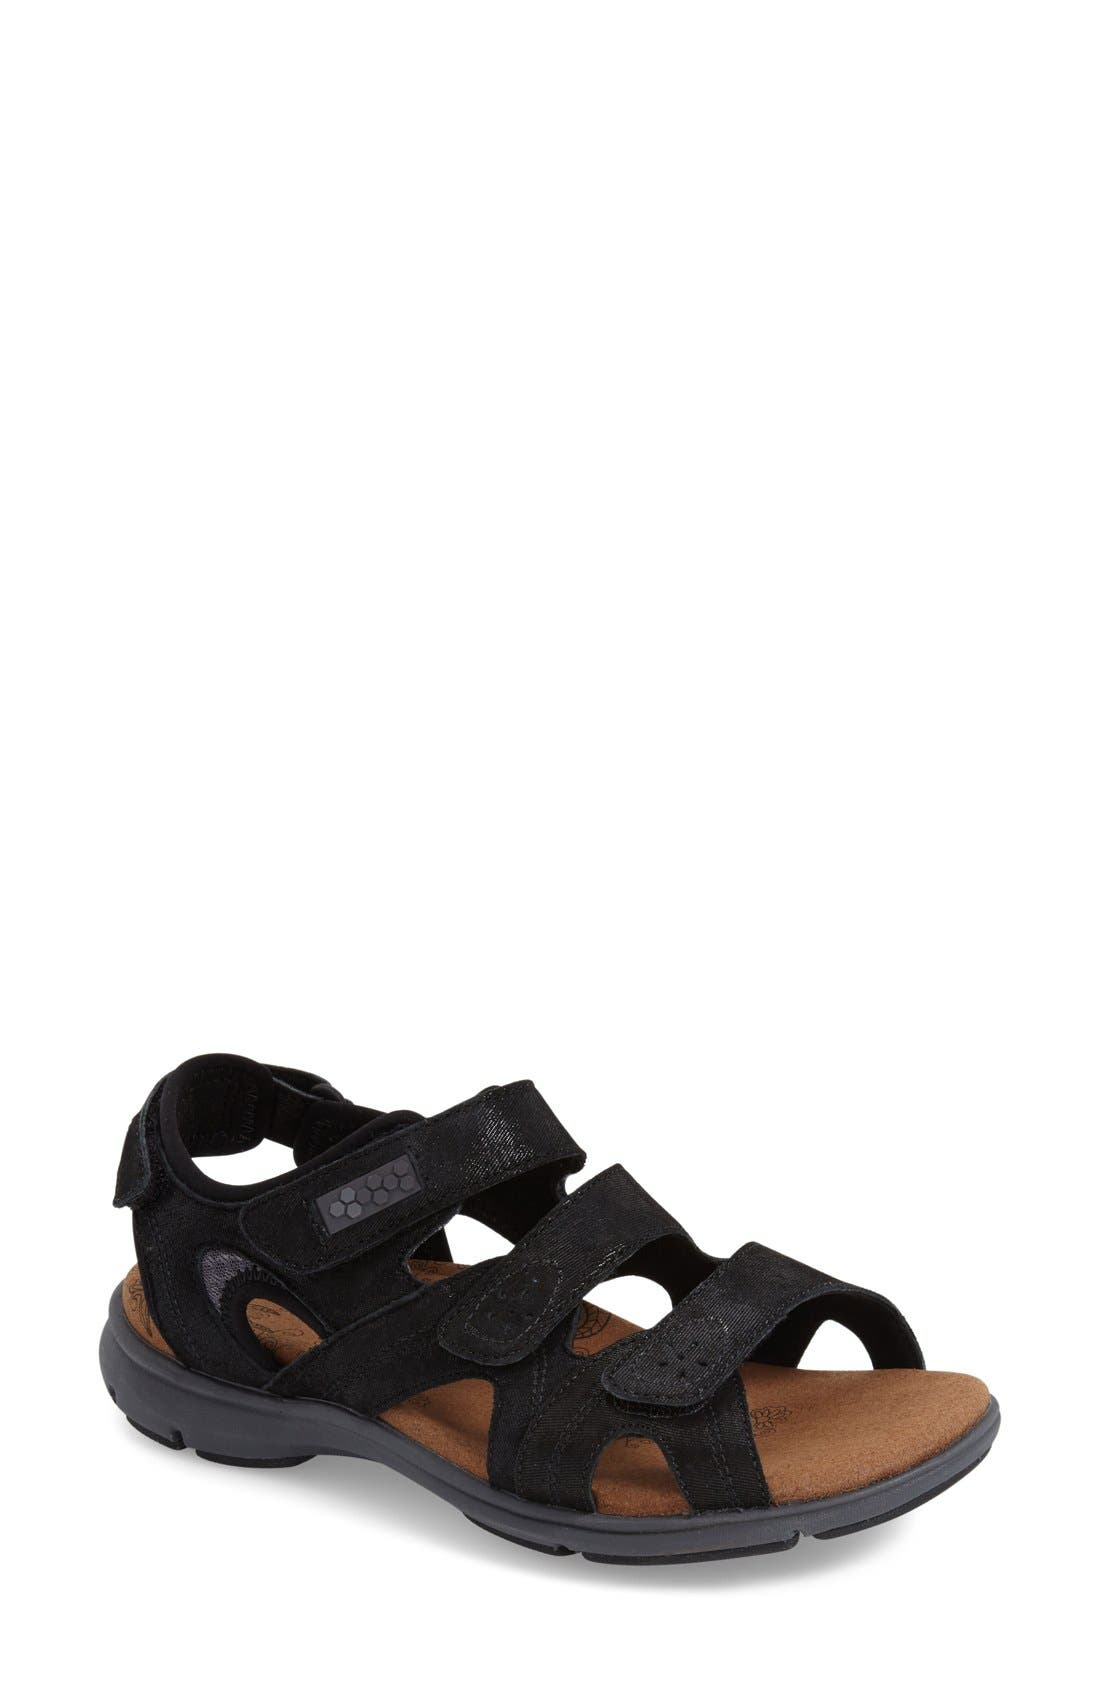 Main Image - Aravon 'REVsoleil' Sandal (Women)